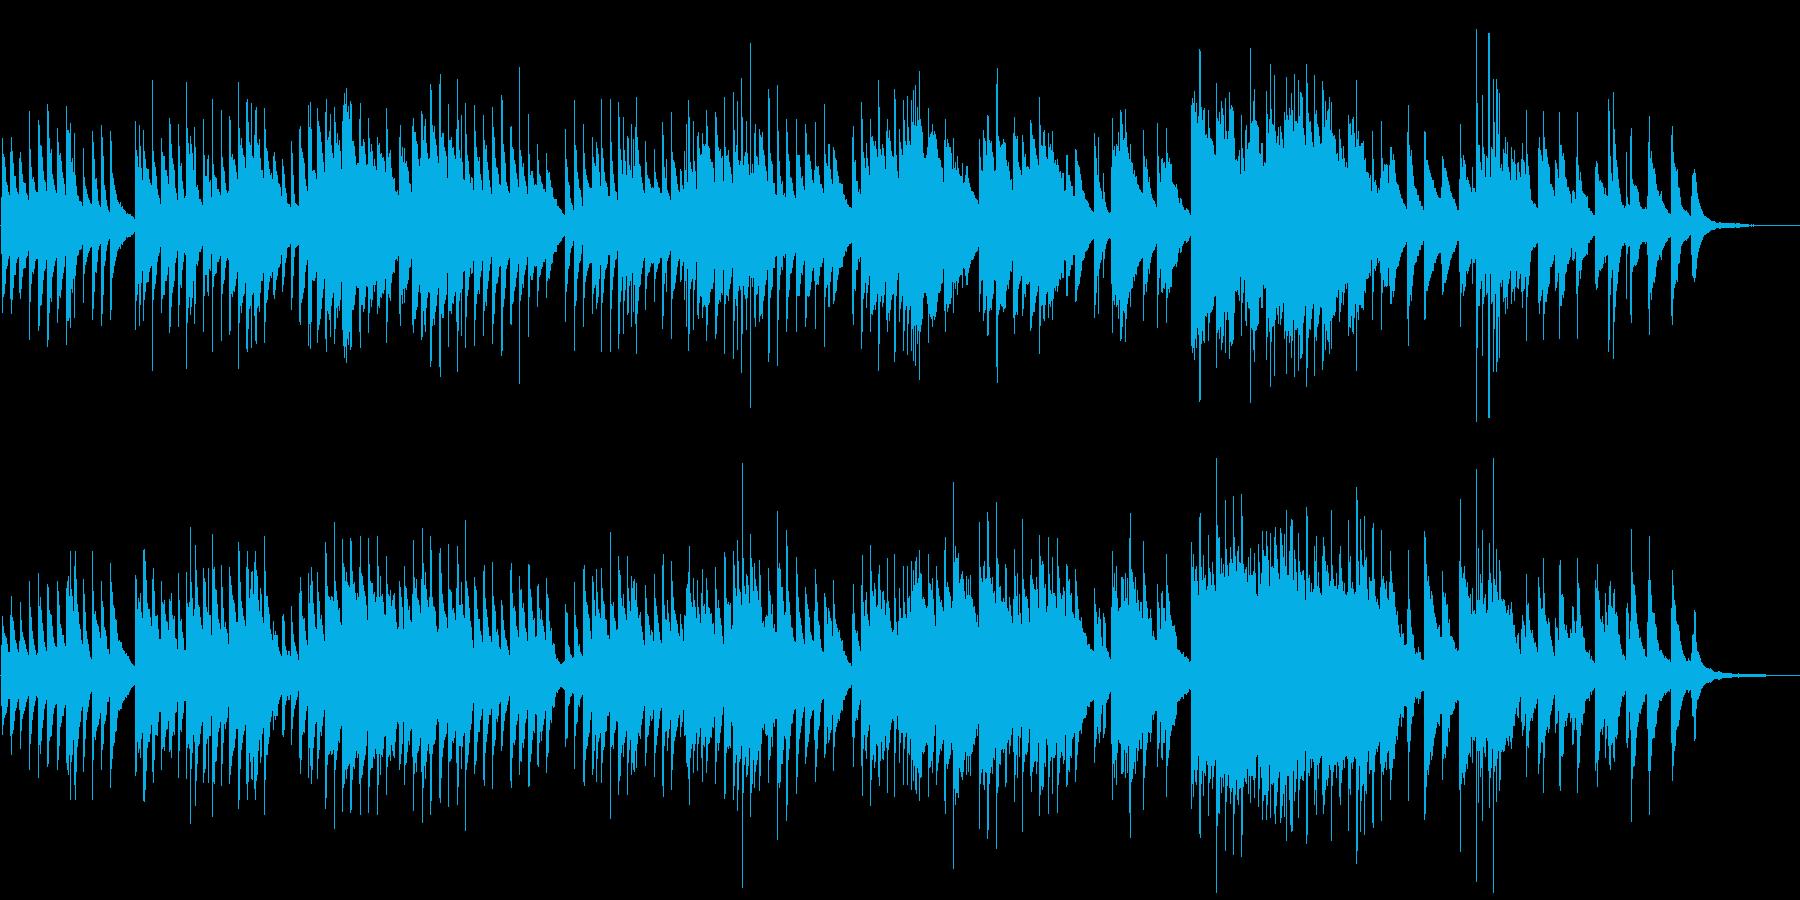 たくさん想いが詰まったまったりバラードの再生済みの波形